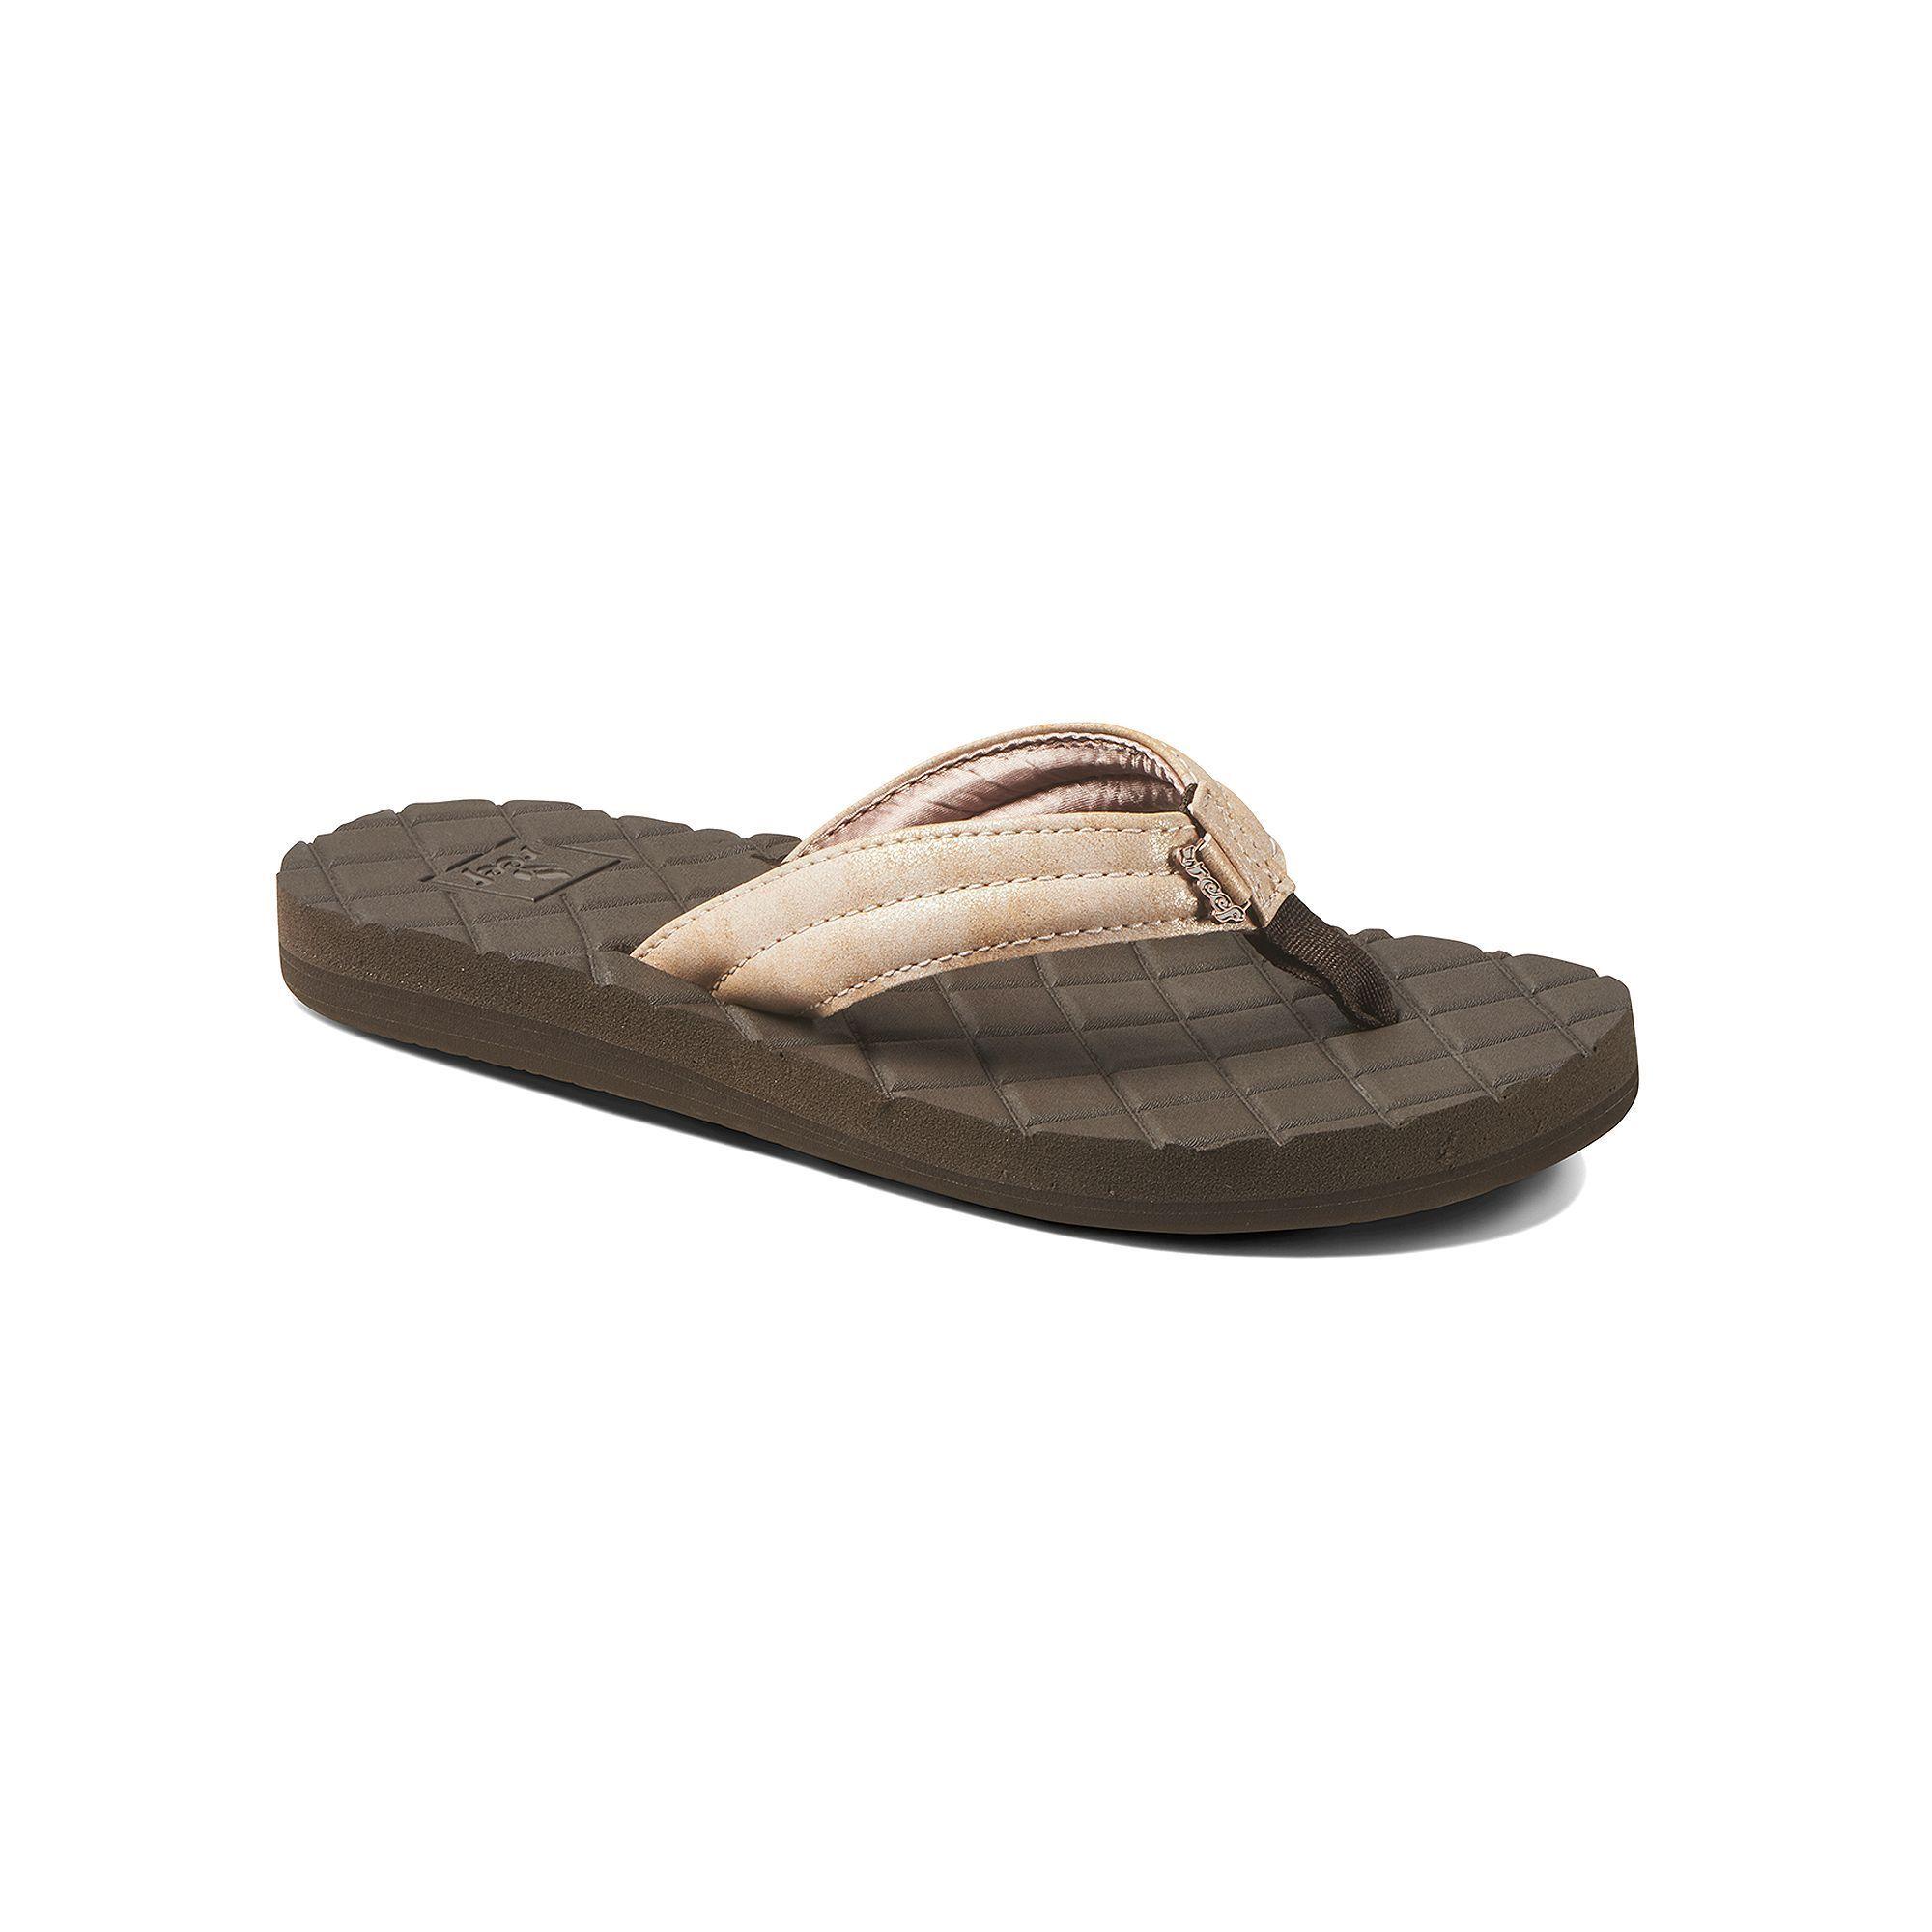 Womens sandals in size 11 - Reef Dreams Lux Ii Women S Sandals Size 11 Grey